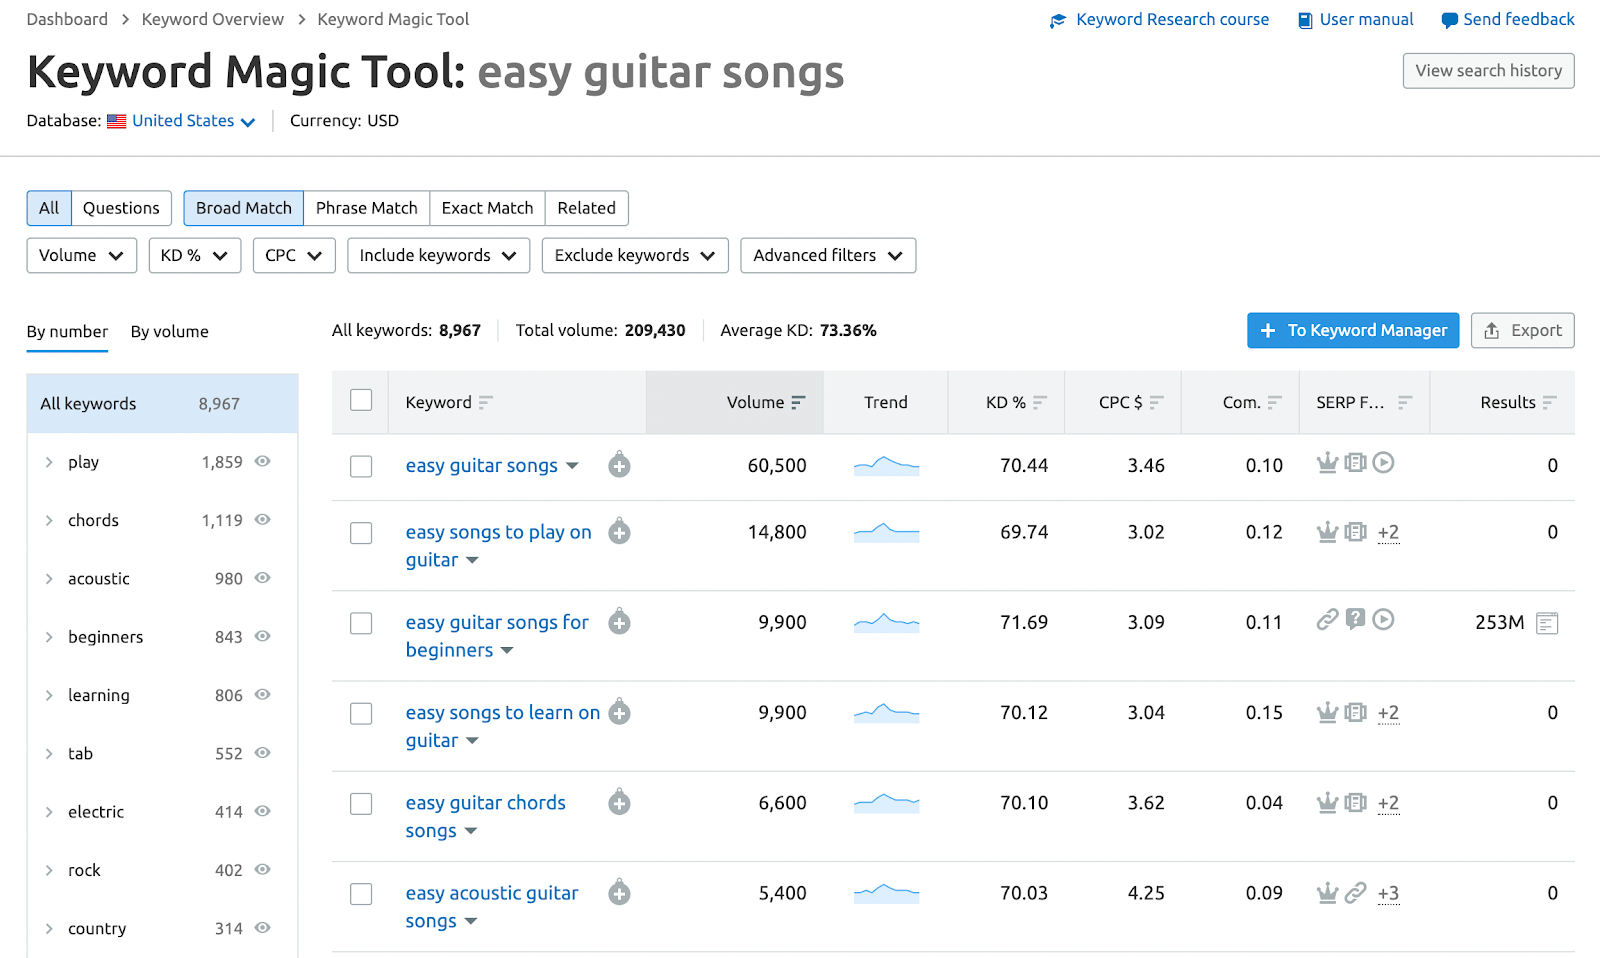 easy guitar songs keyword magic tool screenshot